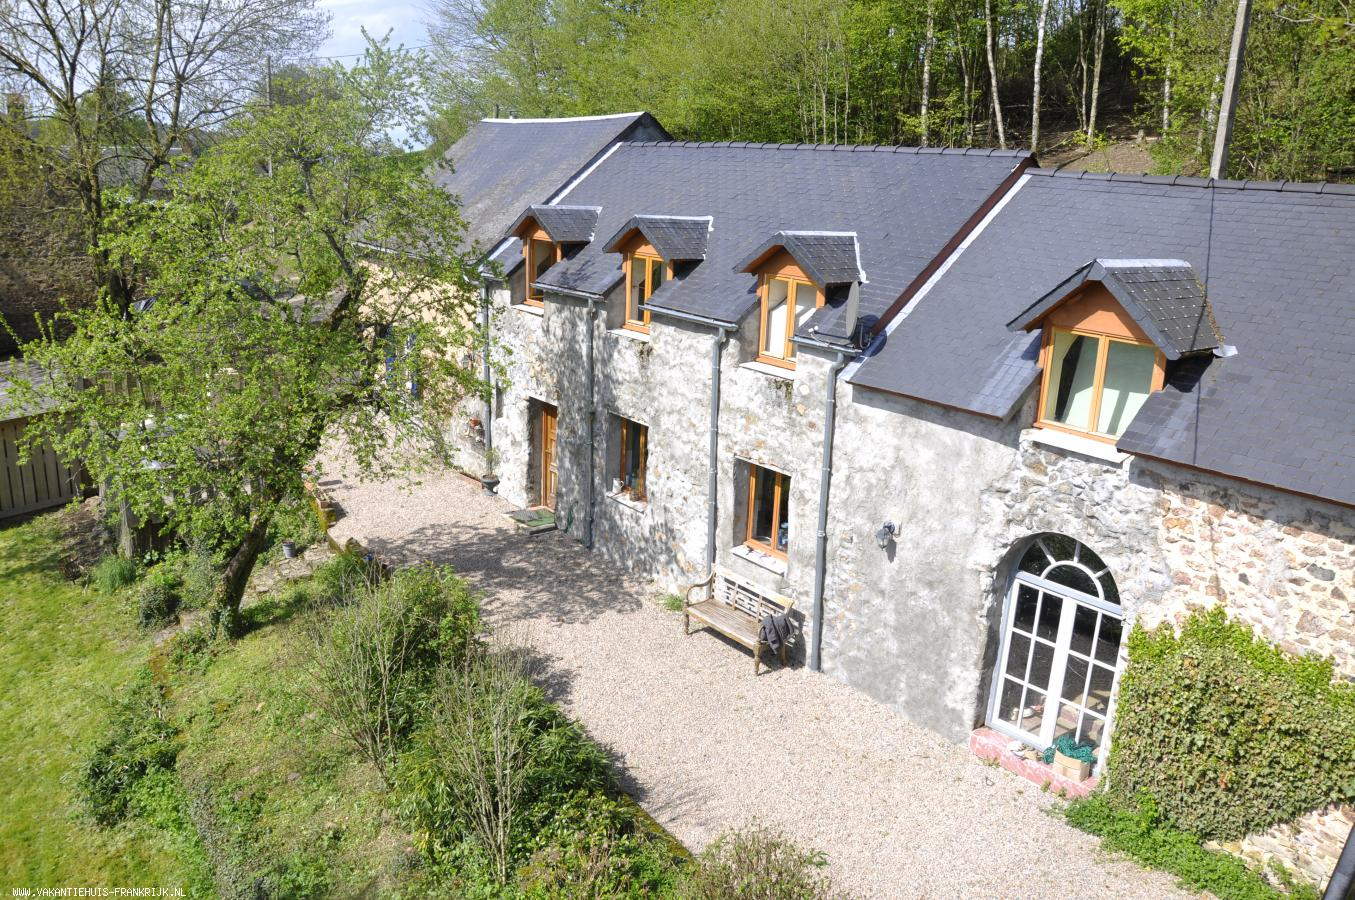 Vakantiehuis: Een groot romantisch en authentiek vakantiehuis in de Morvan te huur voor uw vakantie in Nievre (Frankrijk)